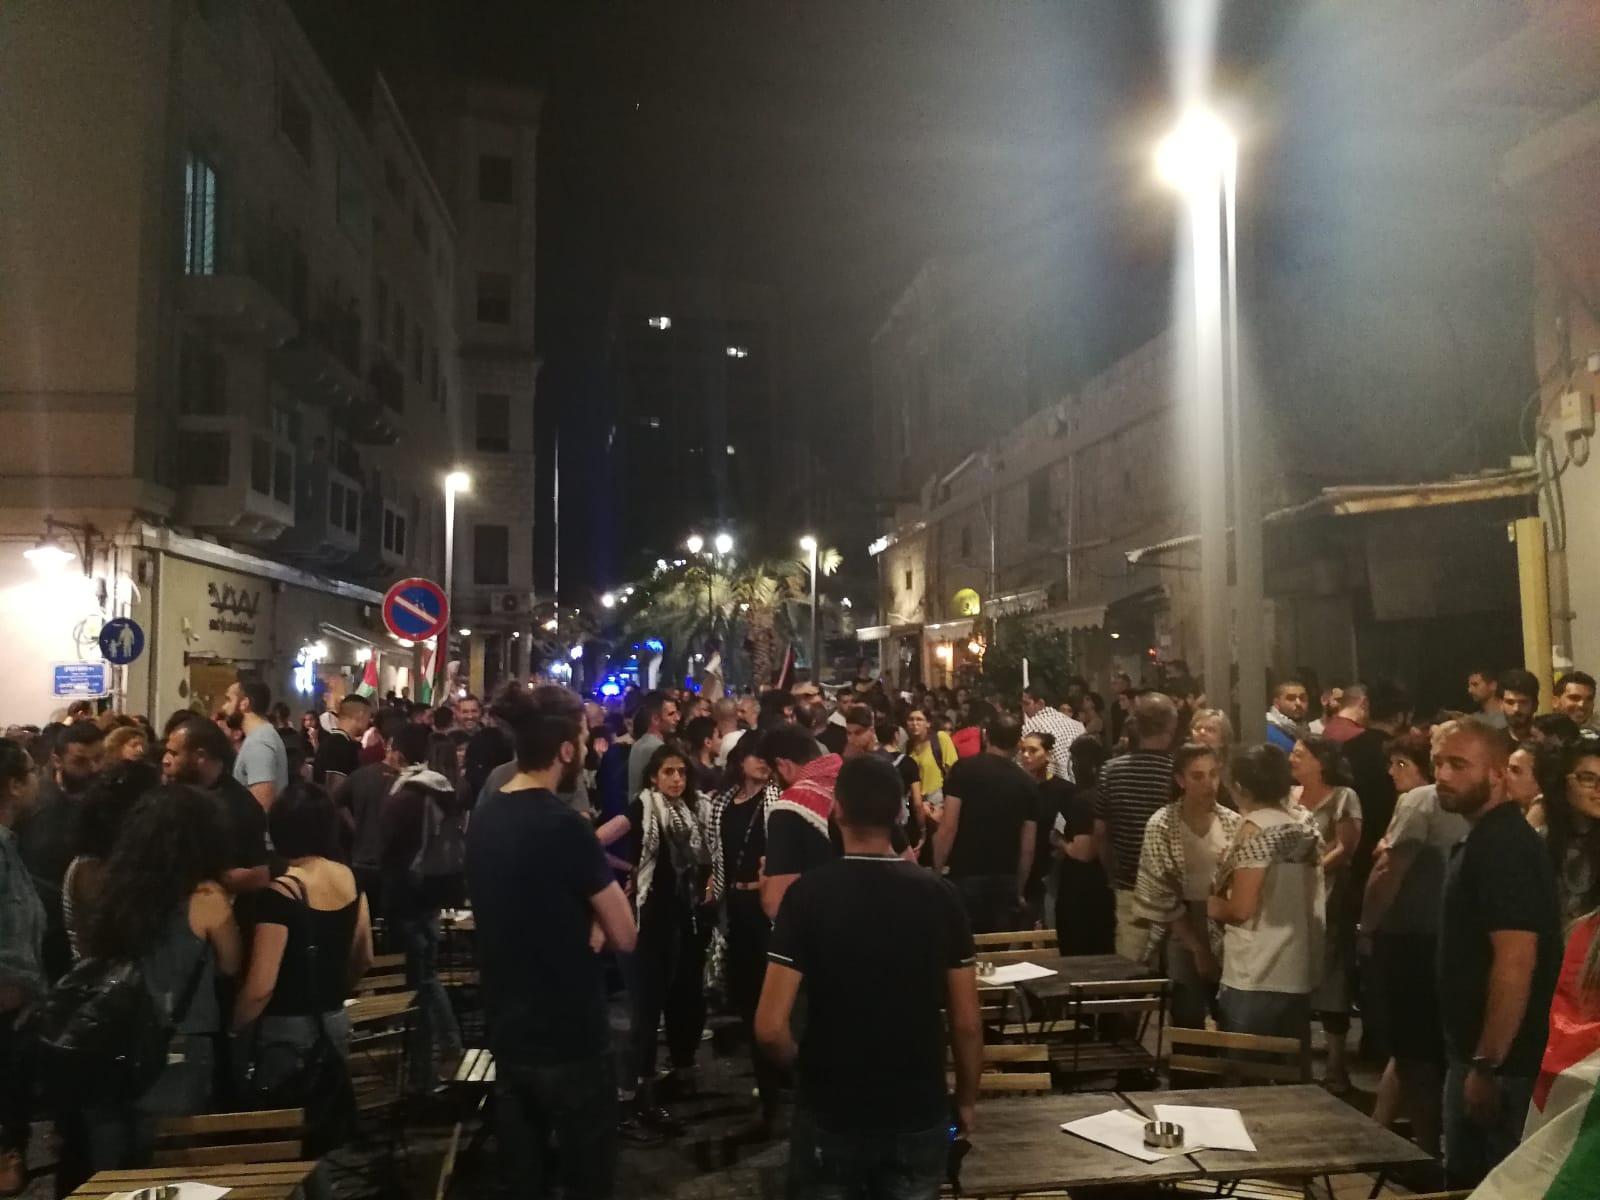 حيفا: اعتقالاتٌ عشوائية للشرطة وإصابات وقمع بالمُظاهرة المُناصرة لغزة